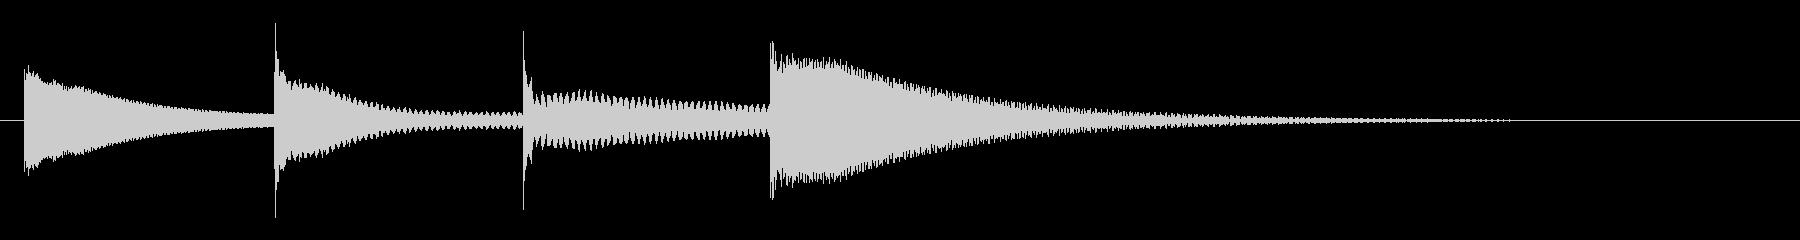 上りチャイム(ラドミラ)(速め)の未再生の波形